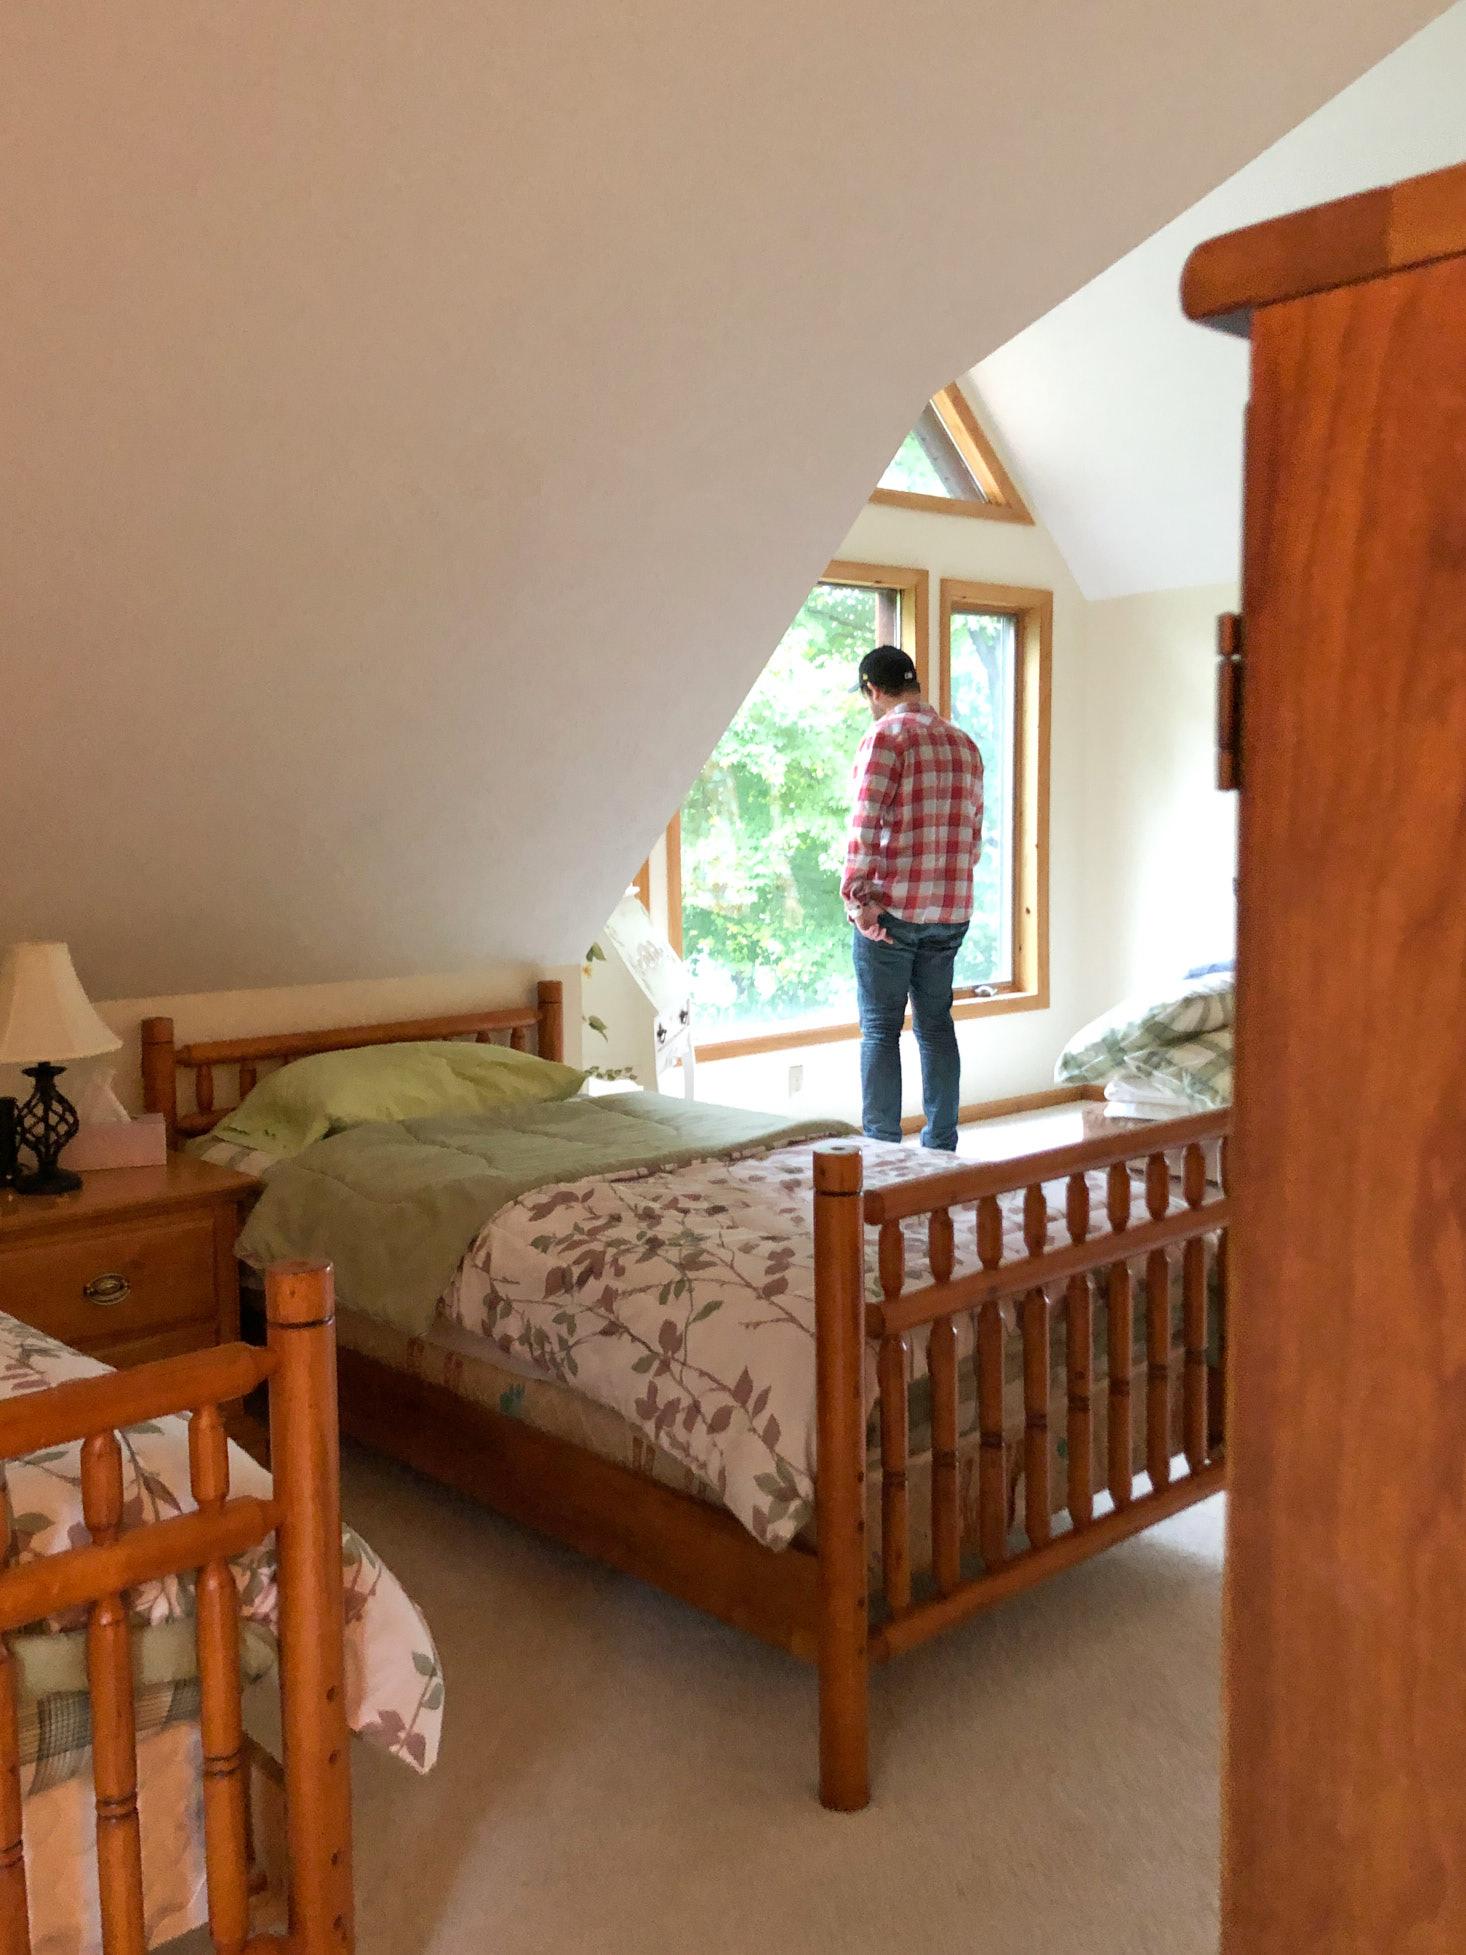 Twin beds in cabin loft